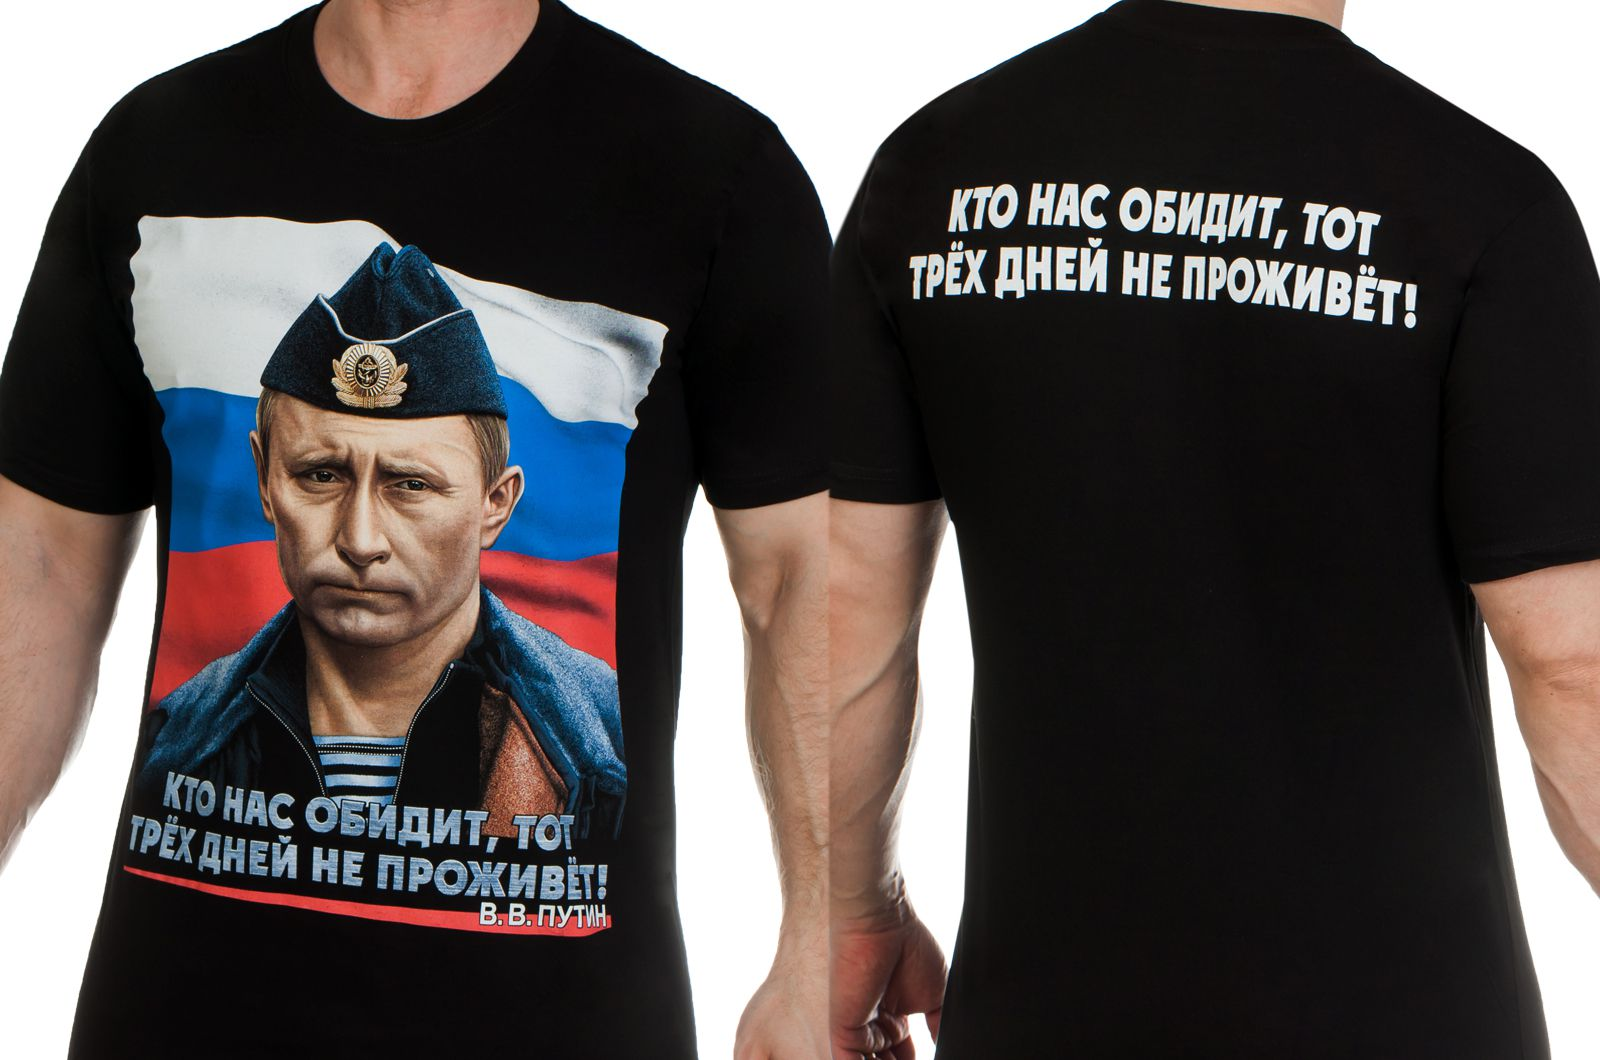 Заказать футболки с портретом Путина